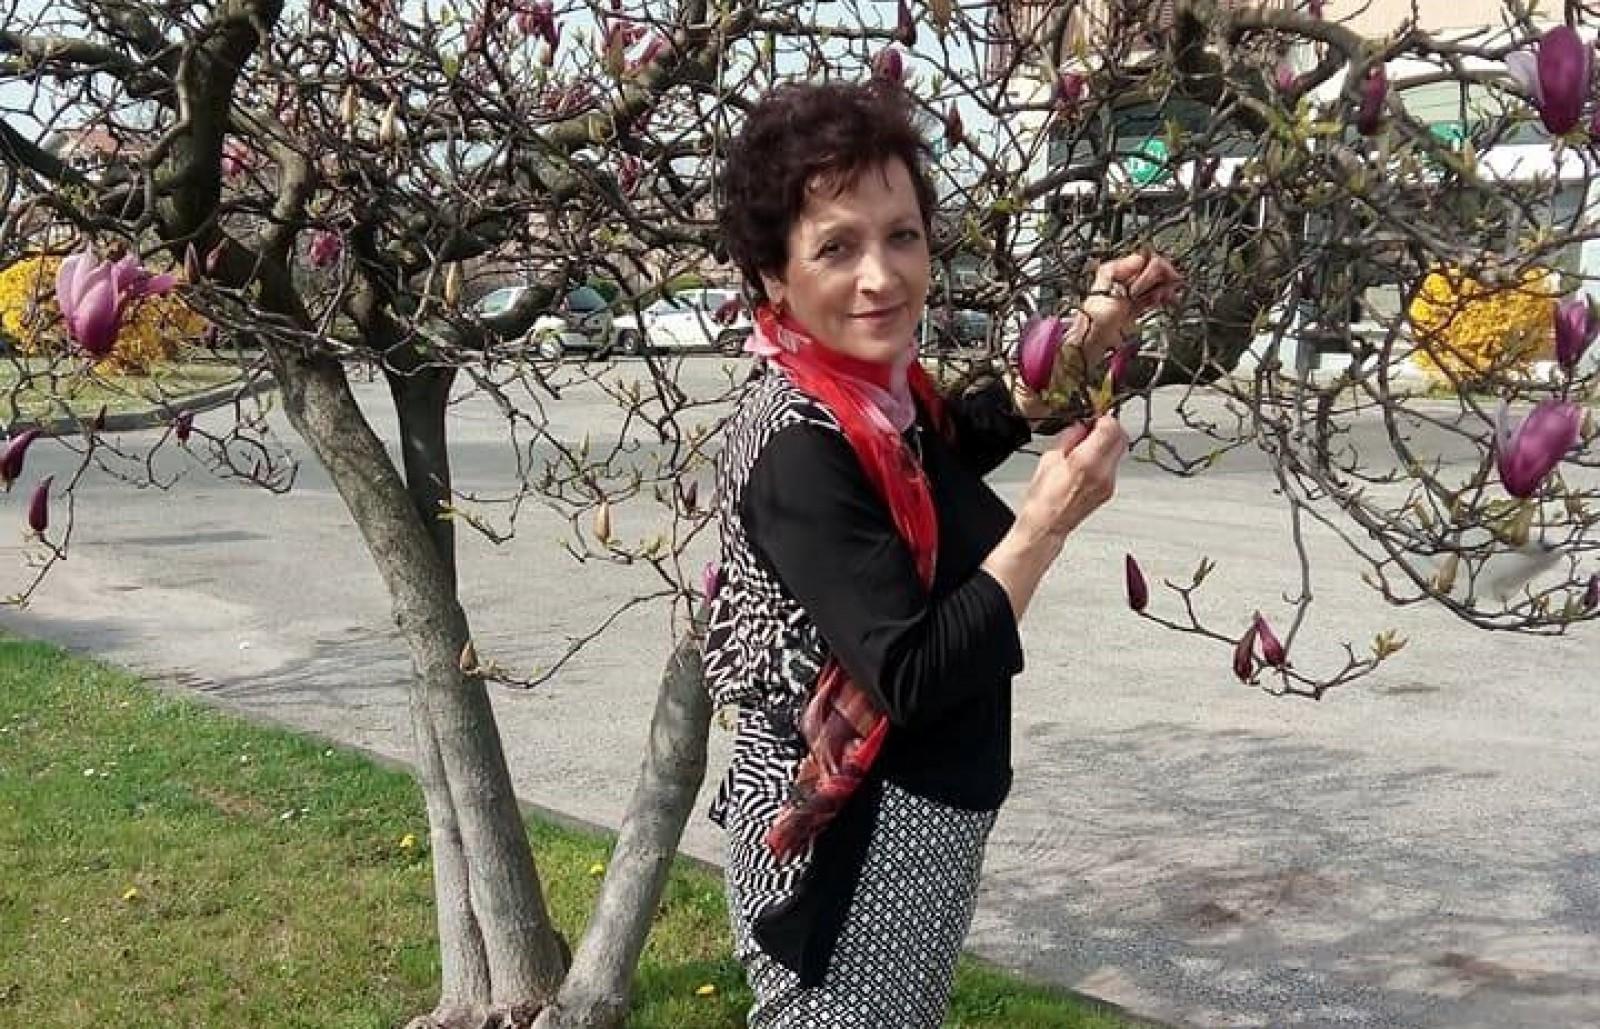 Născută în Siberia, având părinții deportați și nevoită să muncească în Italia: Povestea Valentinei Țepordei